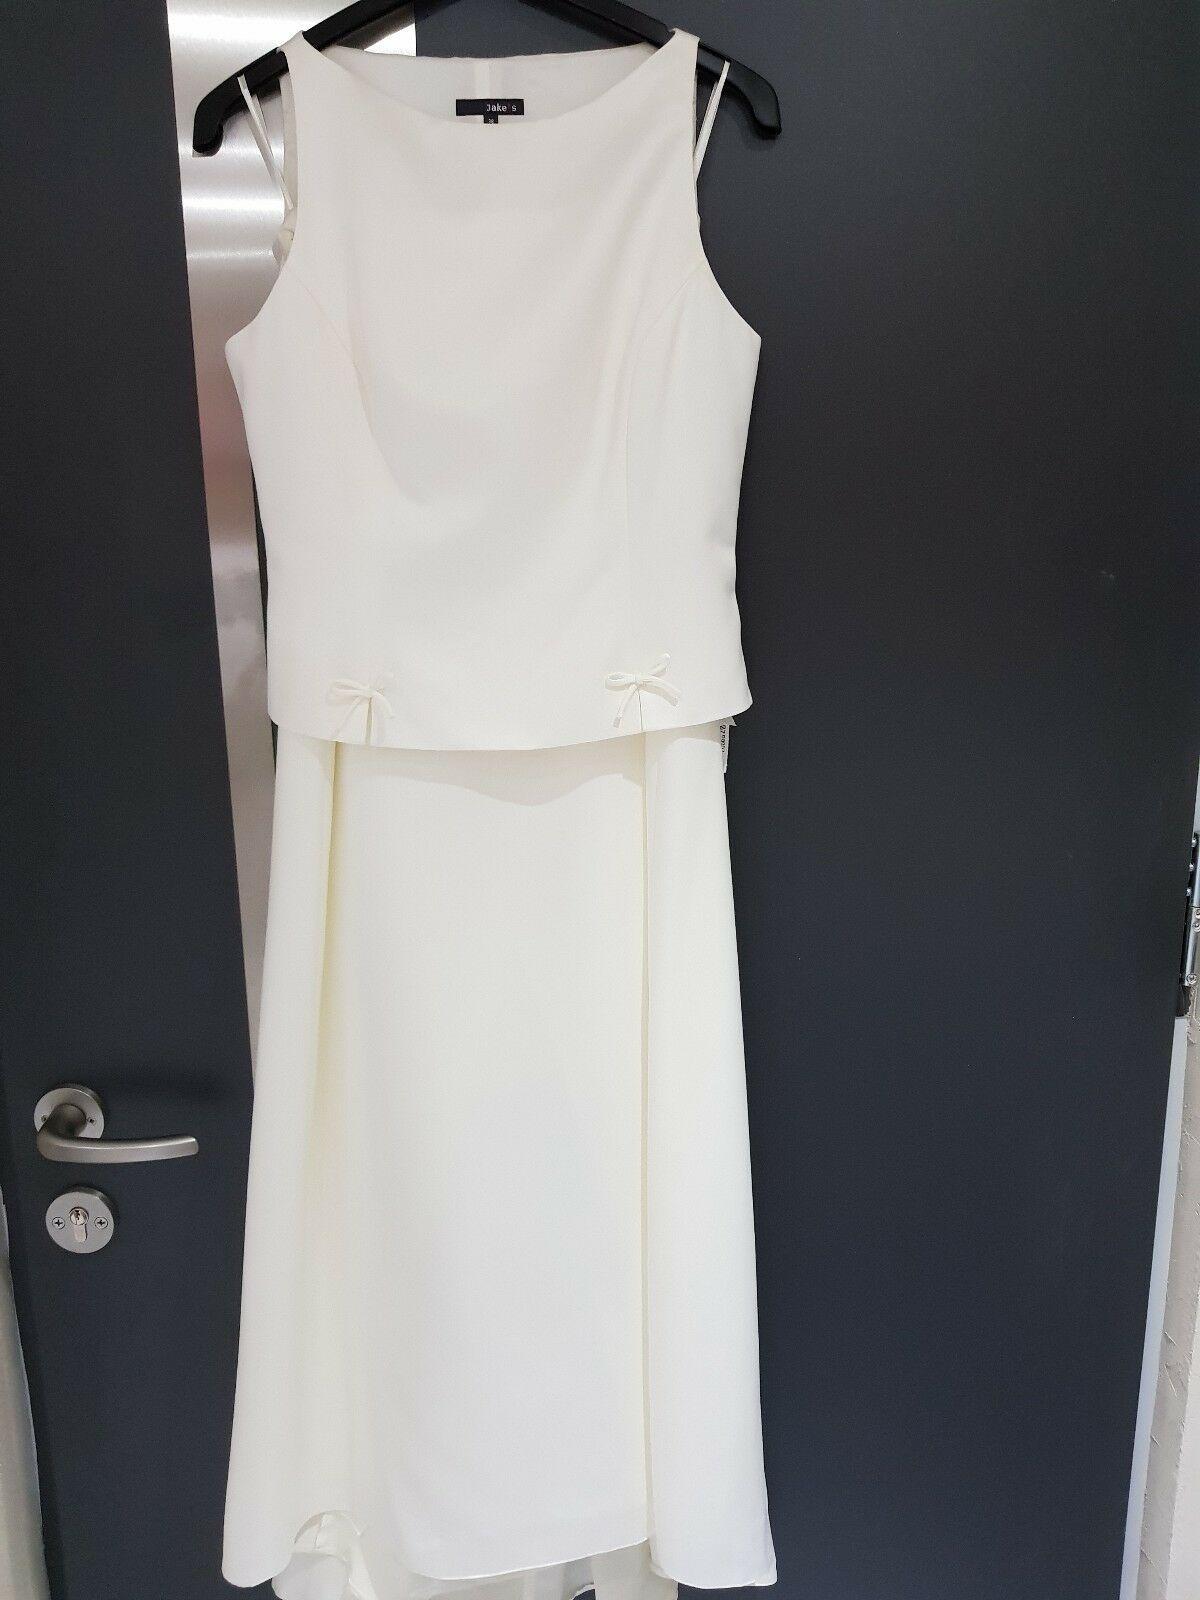 Hochzeitskleid Abendkleid festlich 12-teilig NEU Gr. 12/12 Creme